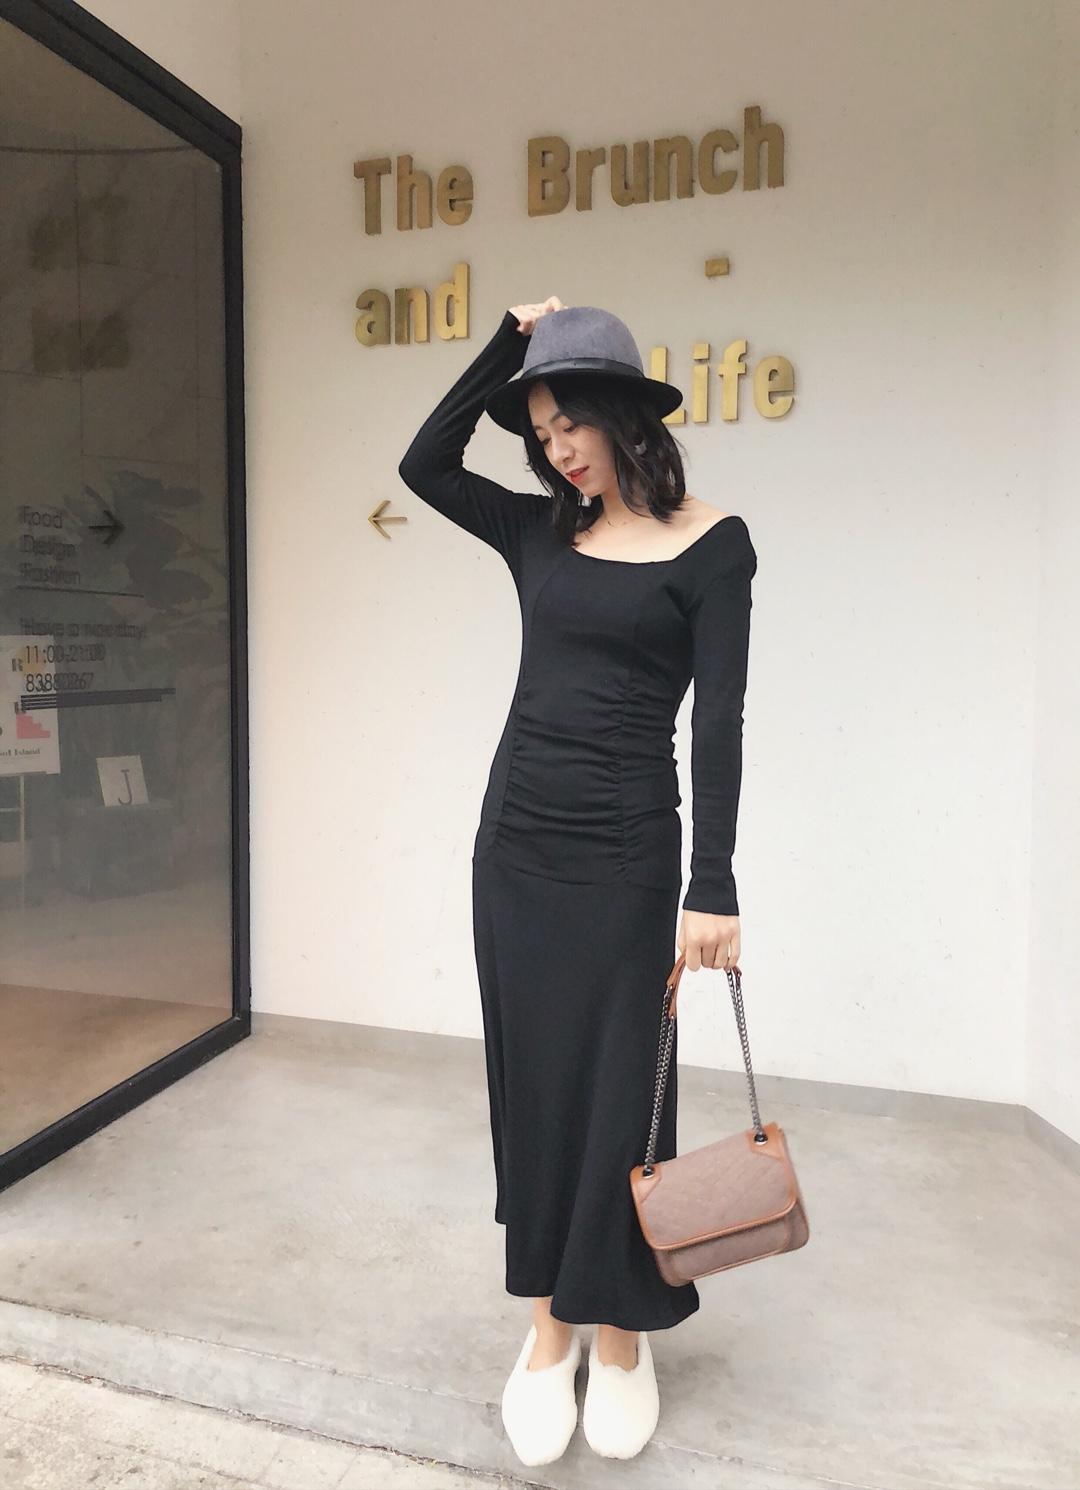 #这腰身,好想涌有!# 一身黑色褶皱连衣裙搭配棕色链条包 大方领的设计很显瘦呢,后面也是方领噢,一点点小心机,让你时尚up up~黑色也超级显高级的,这款连衣裙腰身的褶皱很是遮肉,过完年也是胖了几斤,但却真真的一点儿也看不出来呀。配上棕色的链条包,灰色粘毛礼帽,很随性但却一点都不随意~